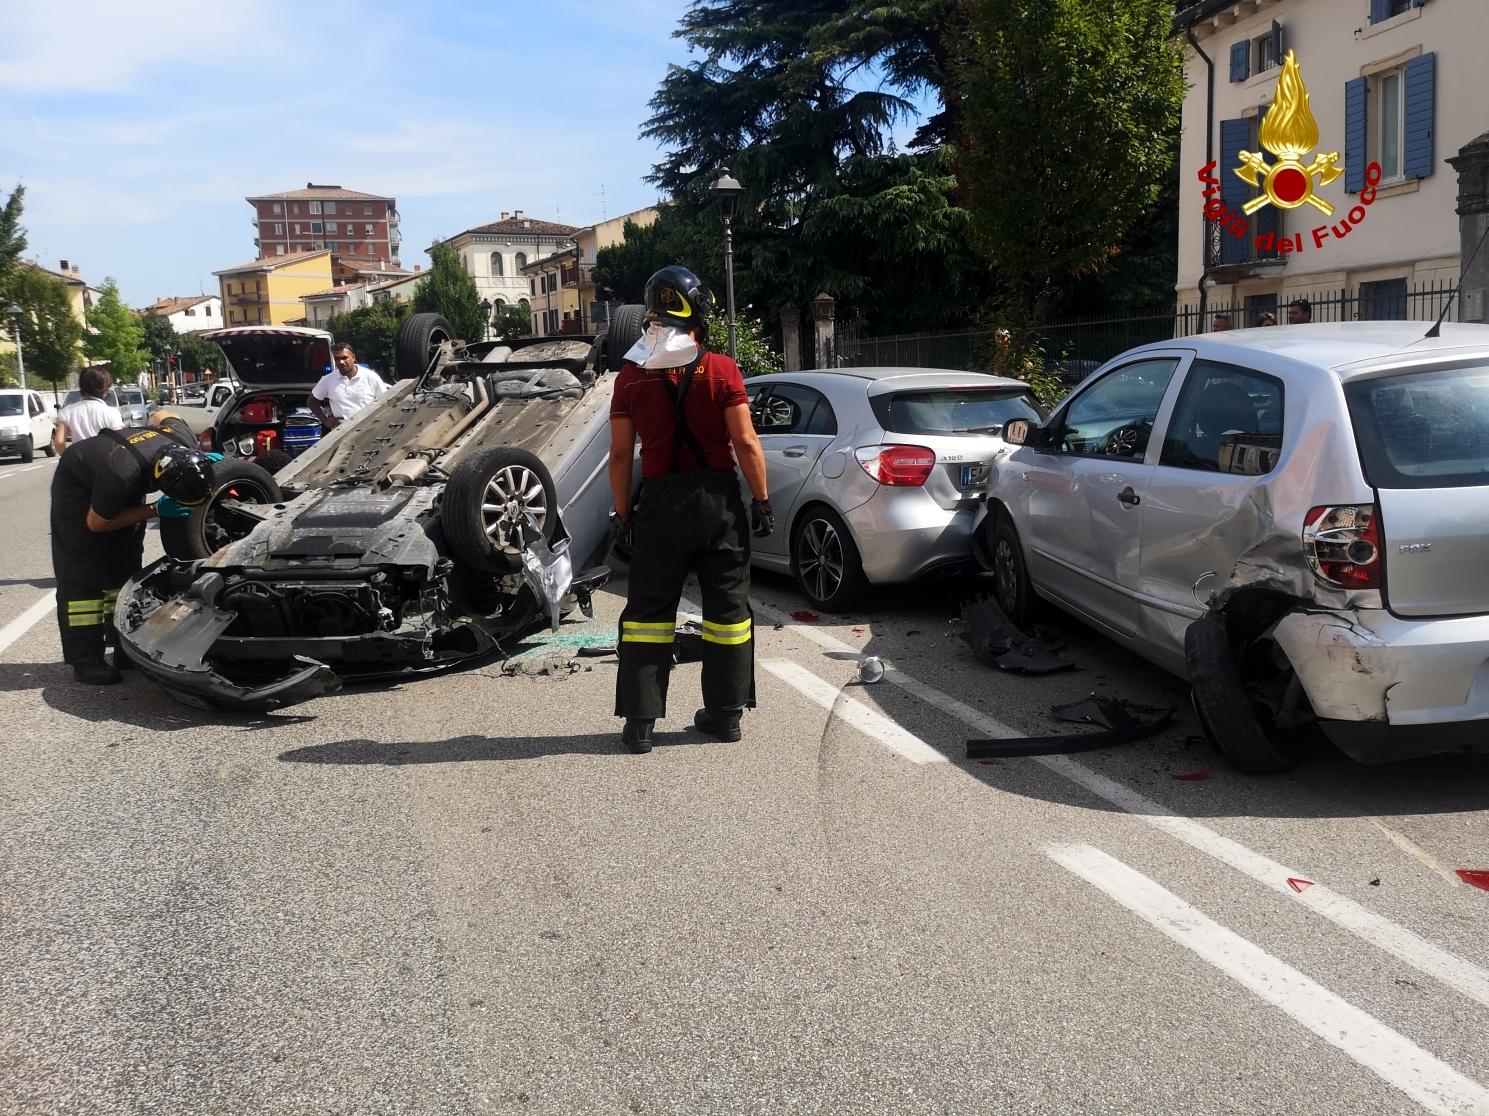 carambola-incidente-stradale-via-xx-settembre-san-martino-buon-albergo-4-2